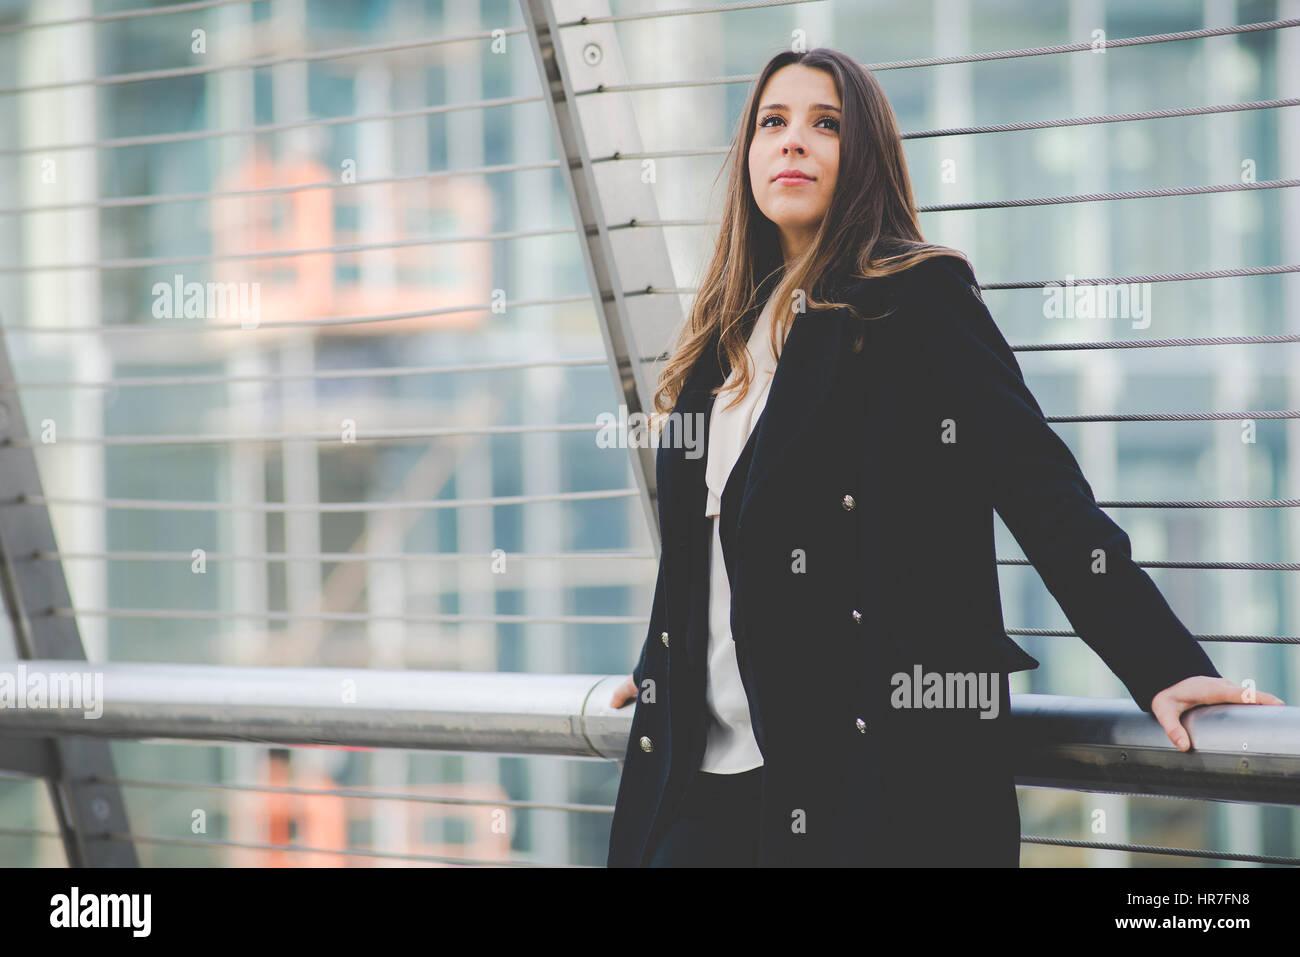 Joven mujer de negocios auténticos en entorno urbano Imagen De Stock